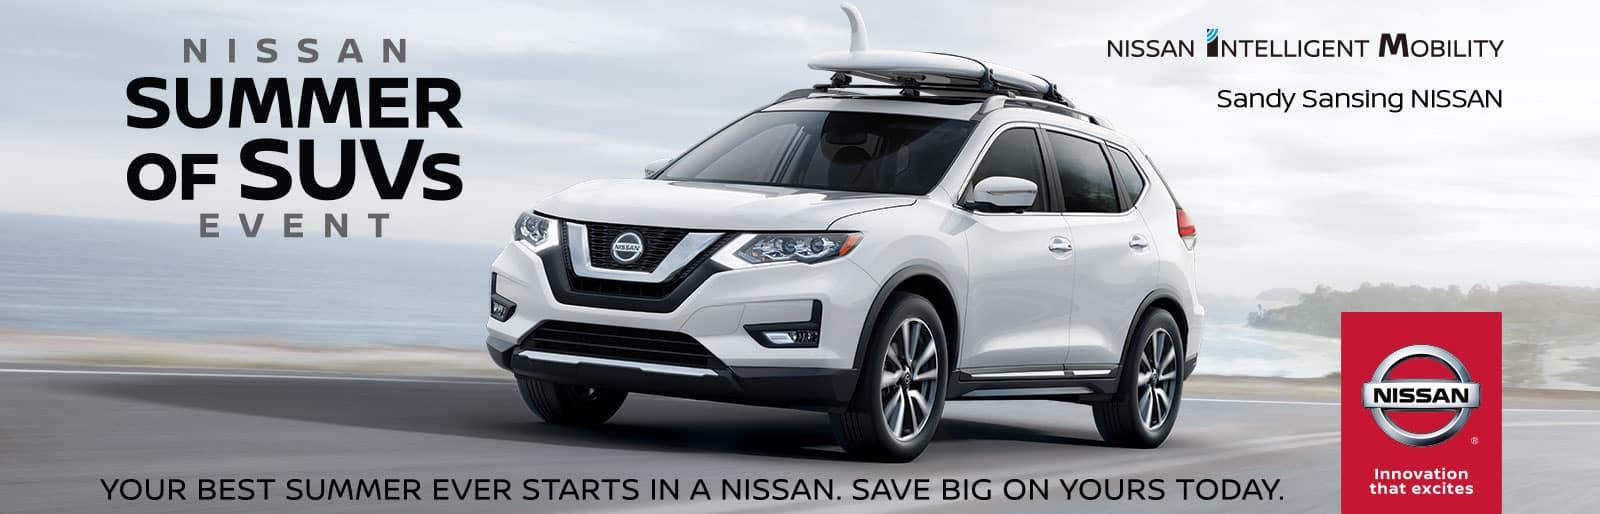 Sandy Sansing Used Cars >> Sandy Sansing Nissan   Nissan Dealer in Pensacola, FL